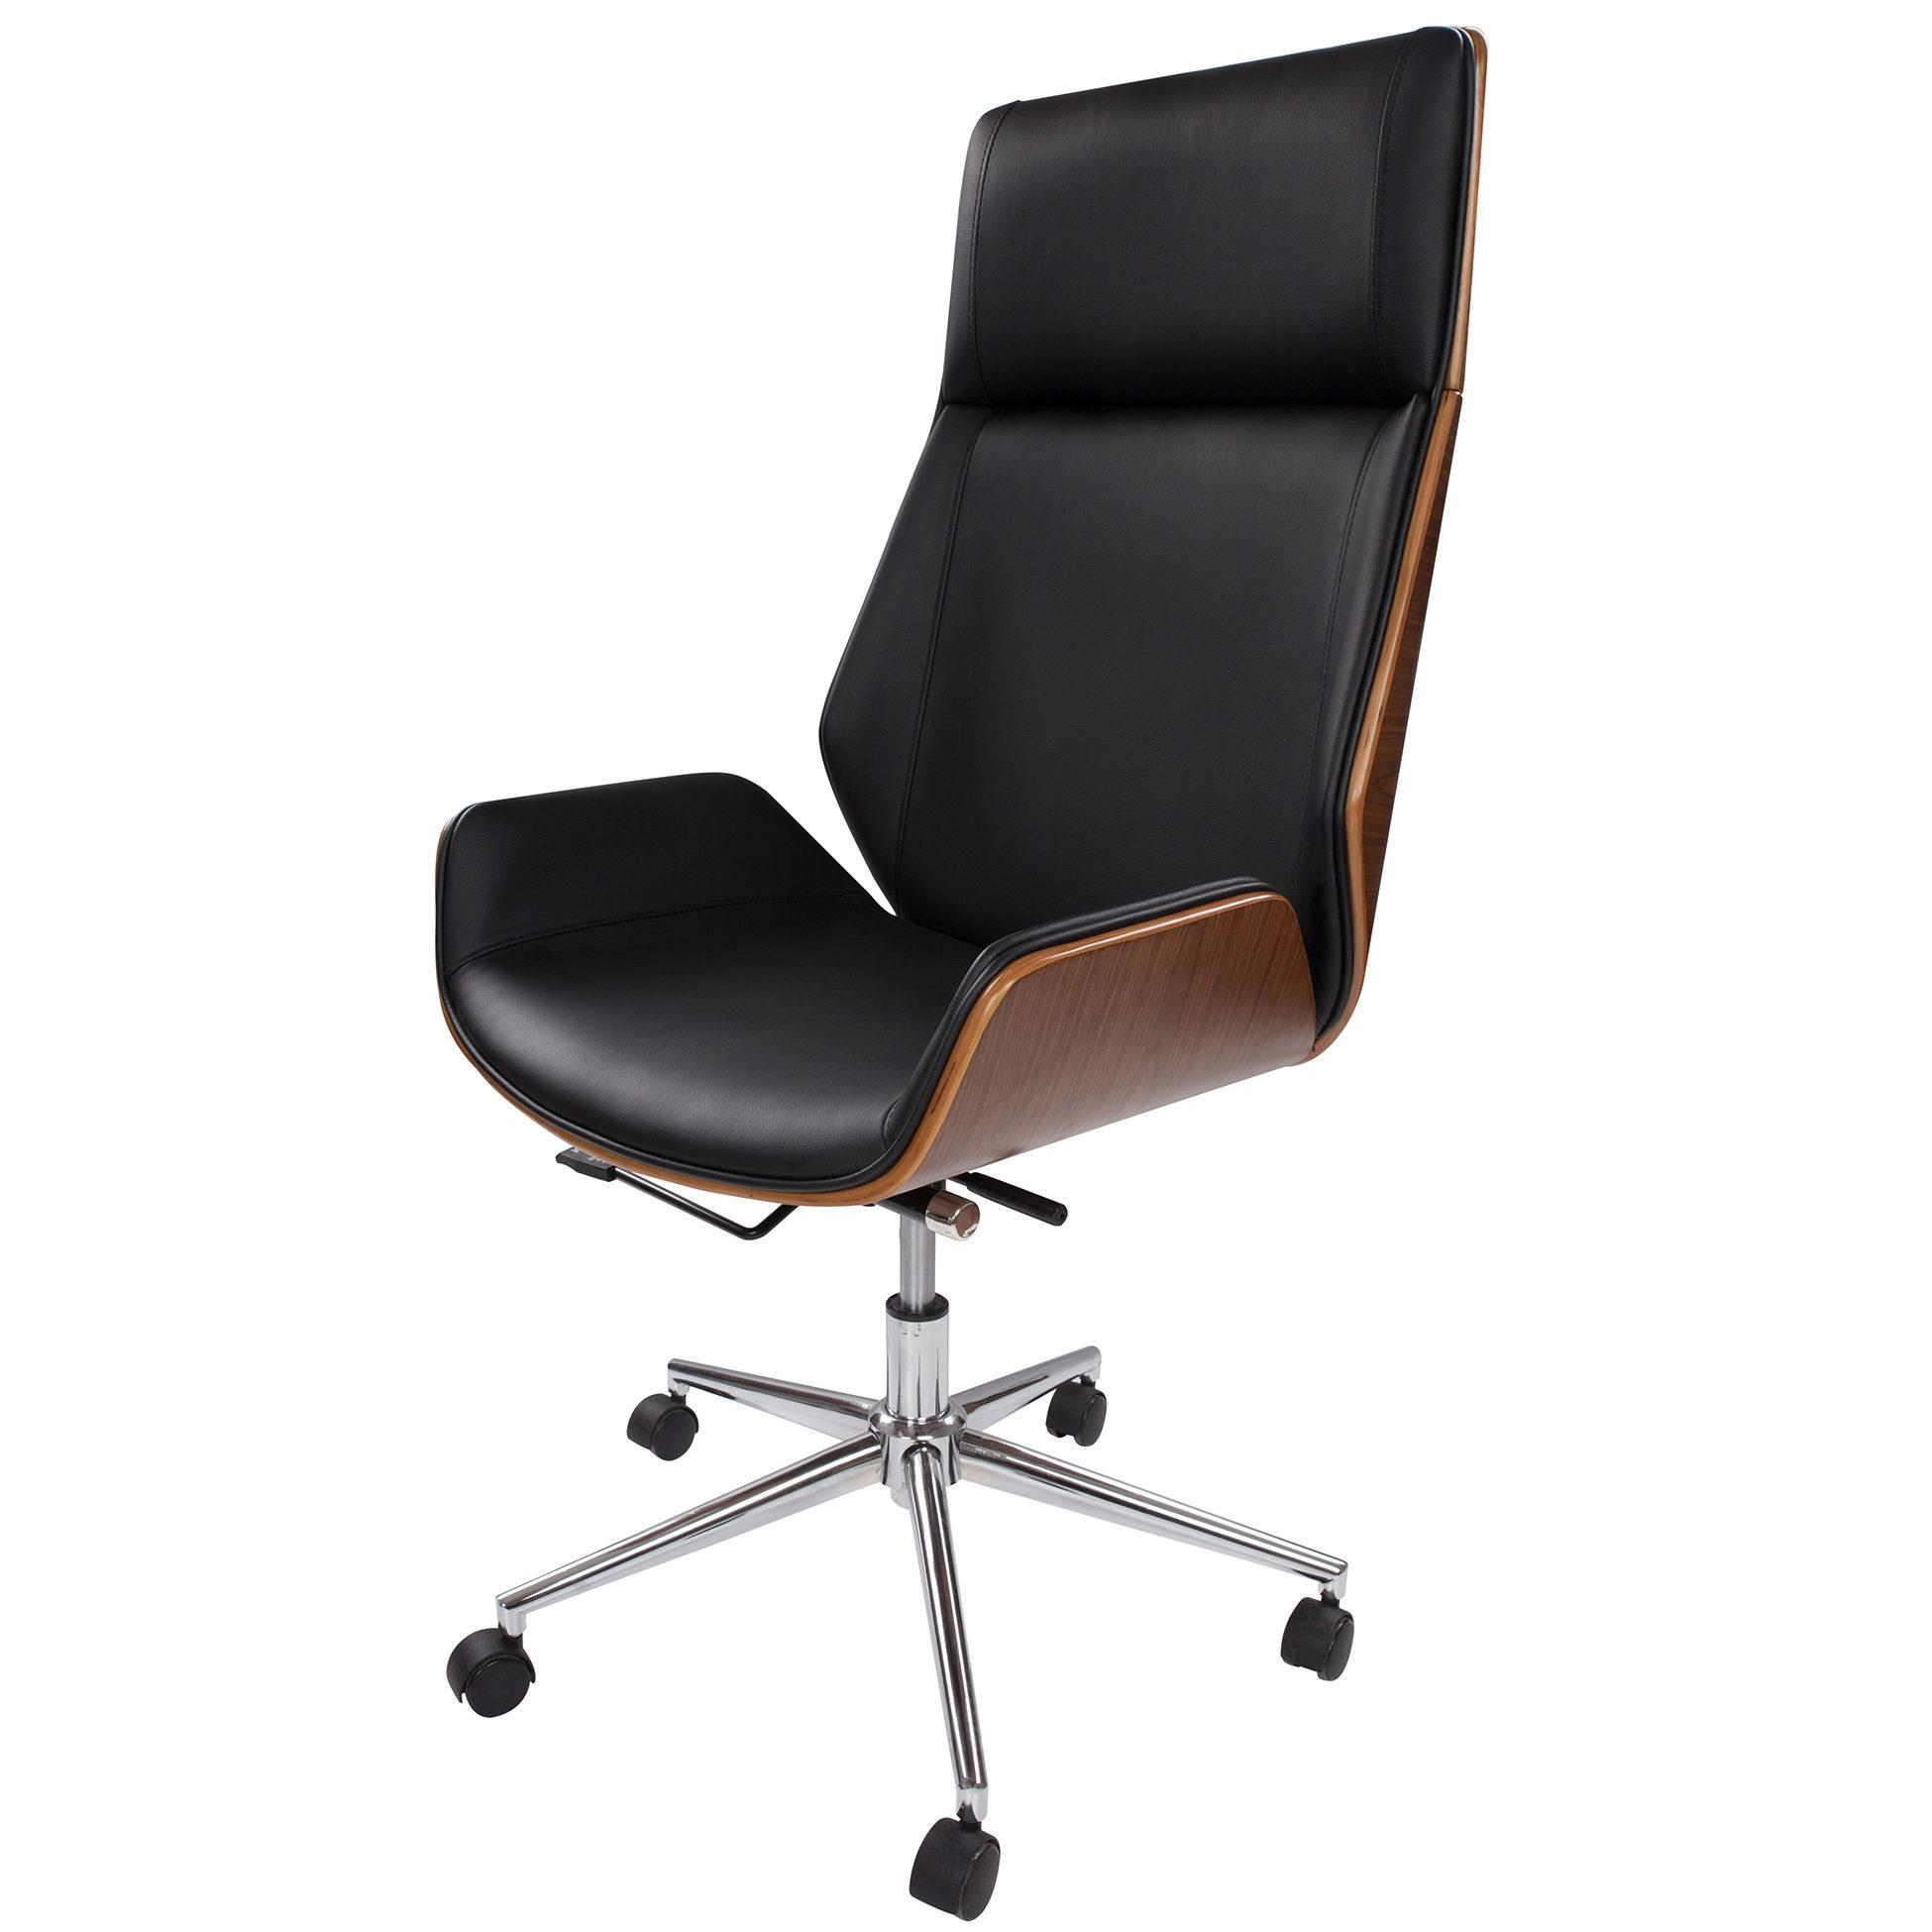 Bureaustoel Zwart Design.Moderne Design Bureaustoel Van Hout Zwart Leder Kameraankleden Nl